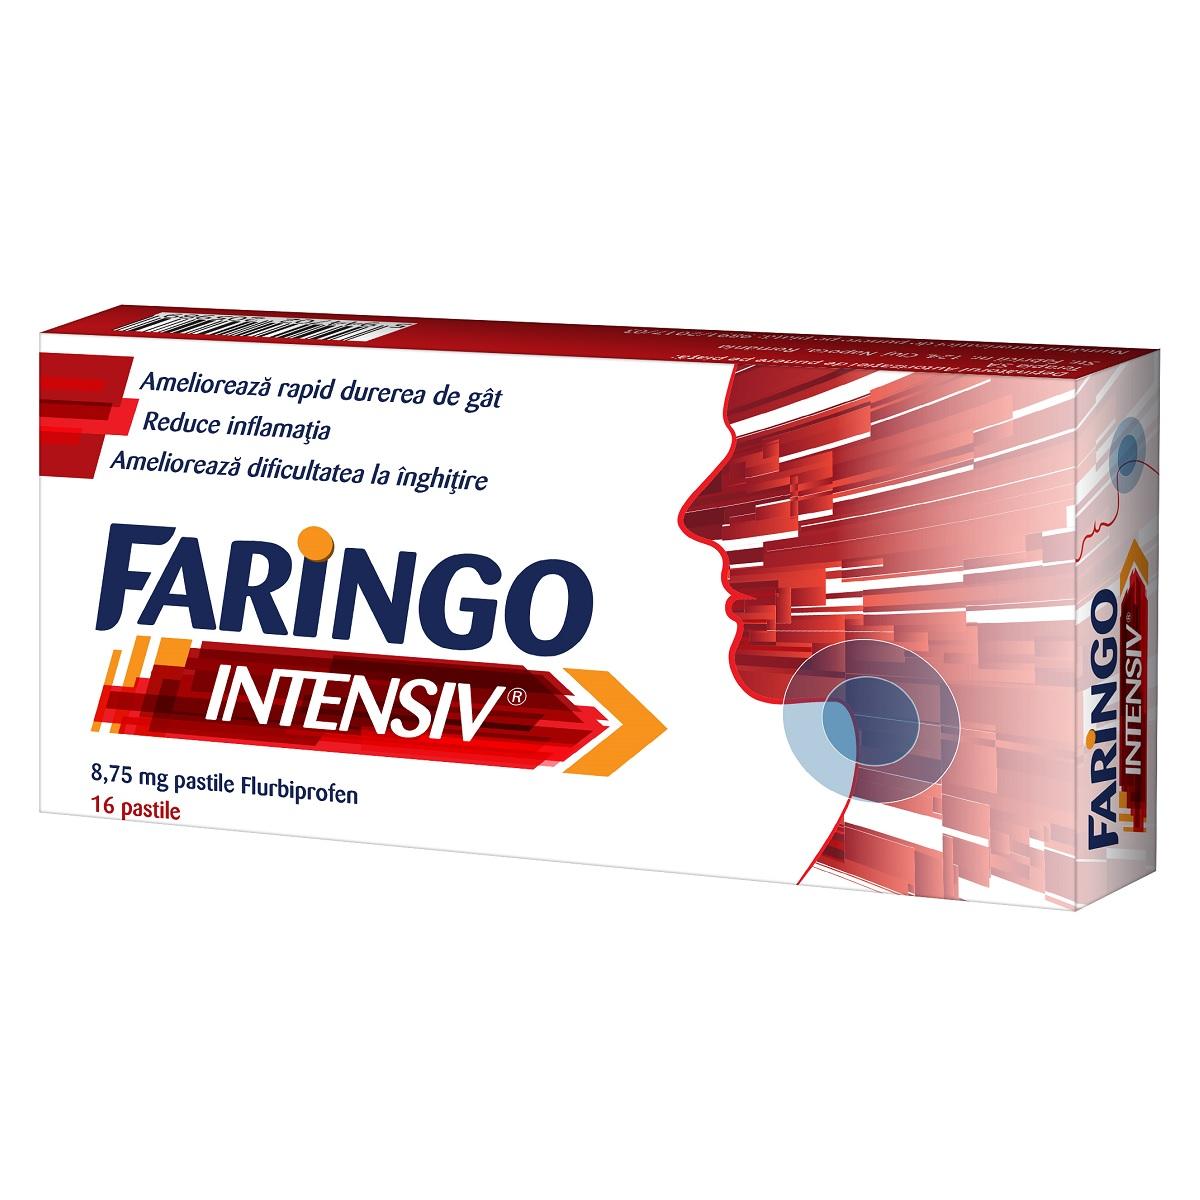 Faringo Intensiv 8,75 mg,16 pastile, Terapia